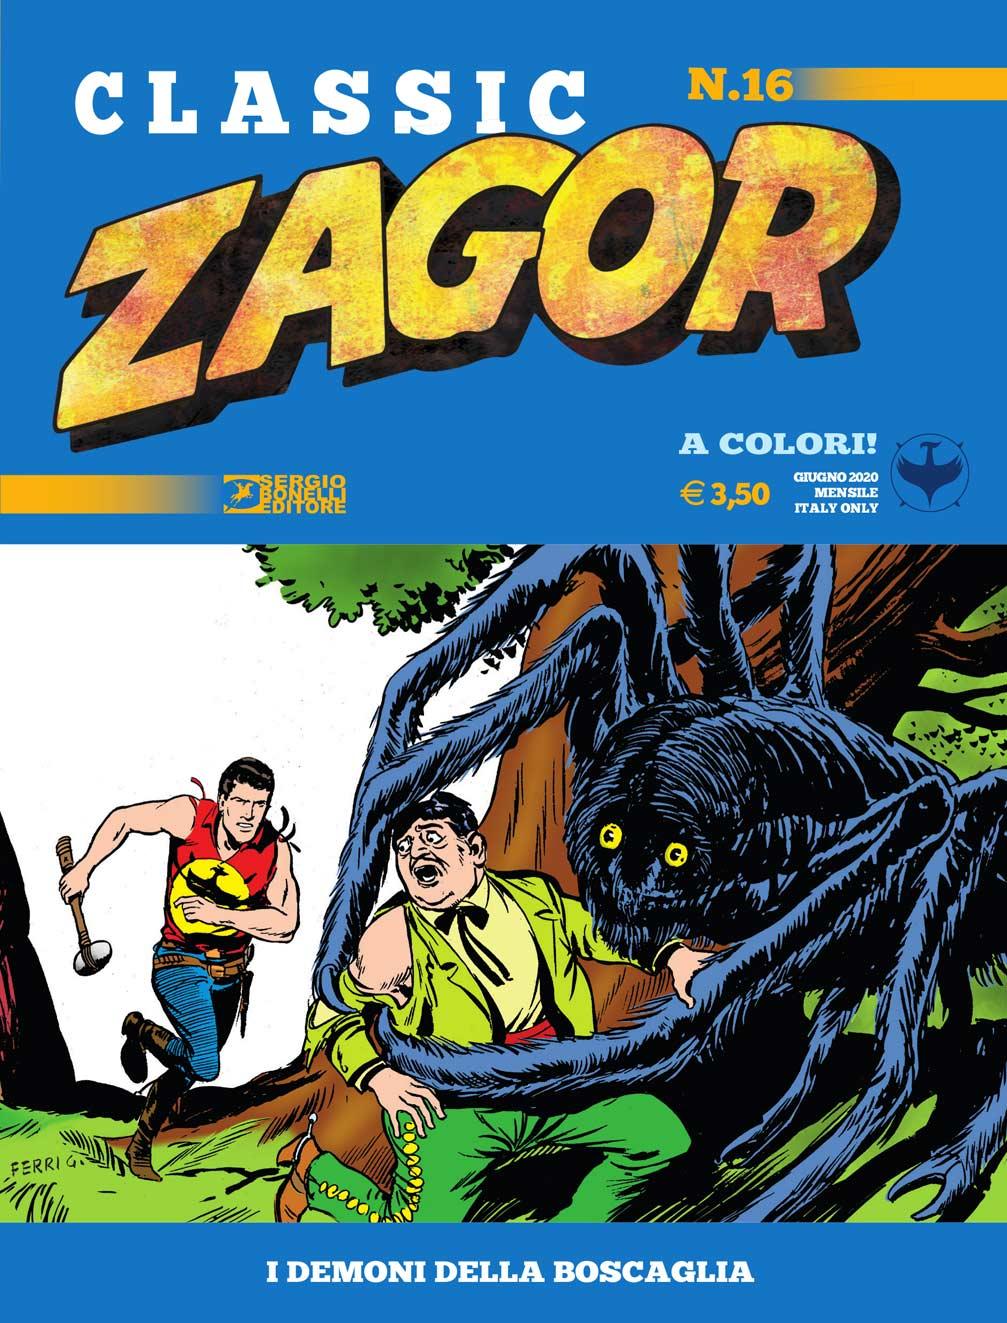 Libri Zagor Classic Vol 16 - I Demoni Della Boscaglia NUOVO SIGILLATO, EDIZIONE DEL 13/06/2020 SUBITO DISPONIBILE